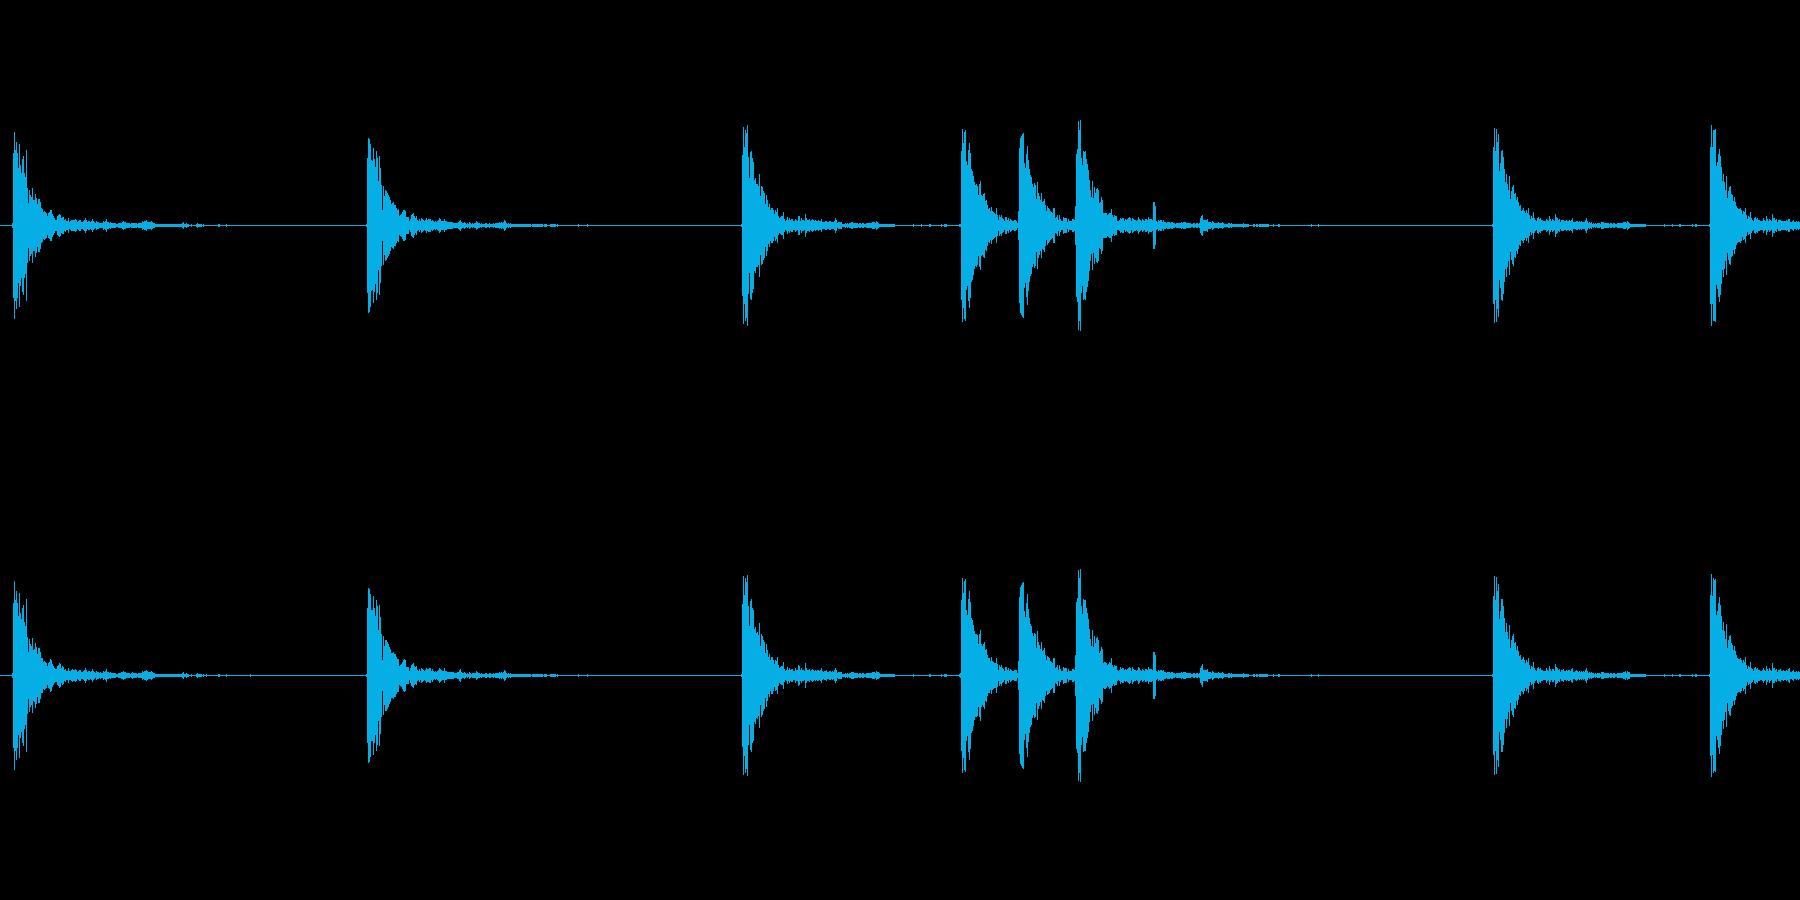 銃の音 (1)の再生済みの波形